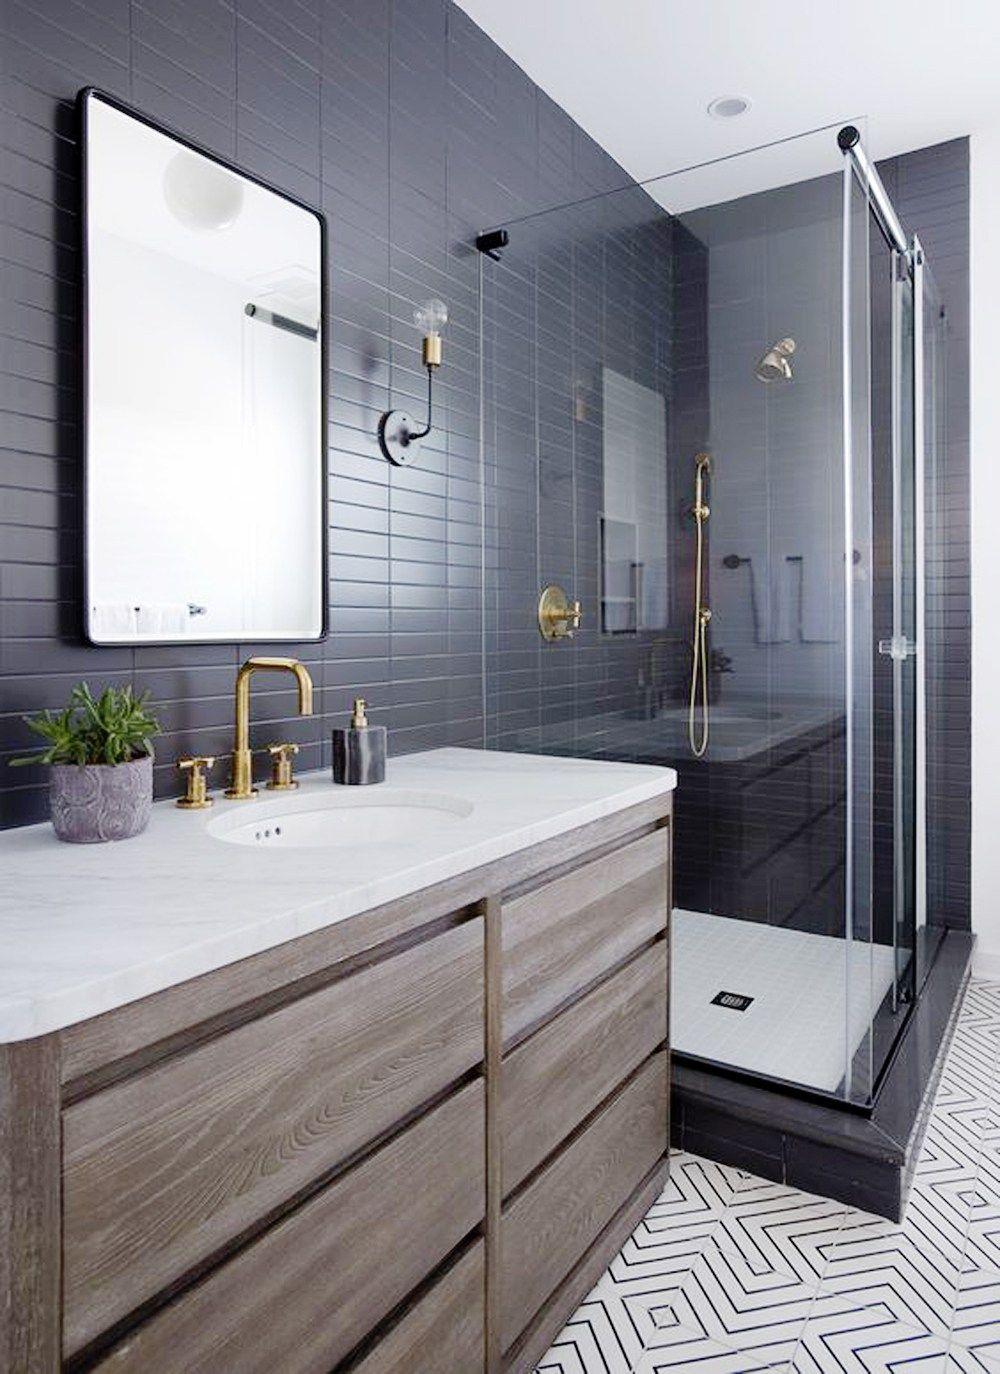 Tile Masculine Modern Bathroom Design on masculine kitchen, smooth bathroom tile, masculine paint, geometric bathroom tile, floral bathroom tile, common bathroom tile, contemporary bathroom tile, women bathroom tile, sexy bathroom tile, school bathroom tile, natural bathroom tile, straight bathroom tile, funny bathroom tile, single bathroom tile, light bathroom tile, male bathroom tile, earthy bathroom tile, nature bathroom tile, classy bathroom tile, home bathroom tile,